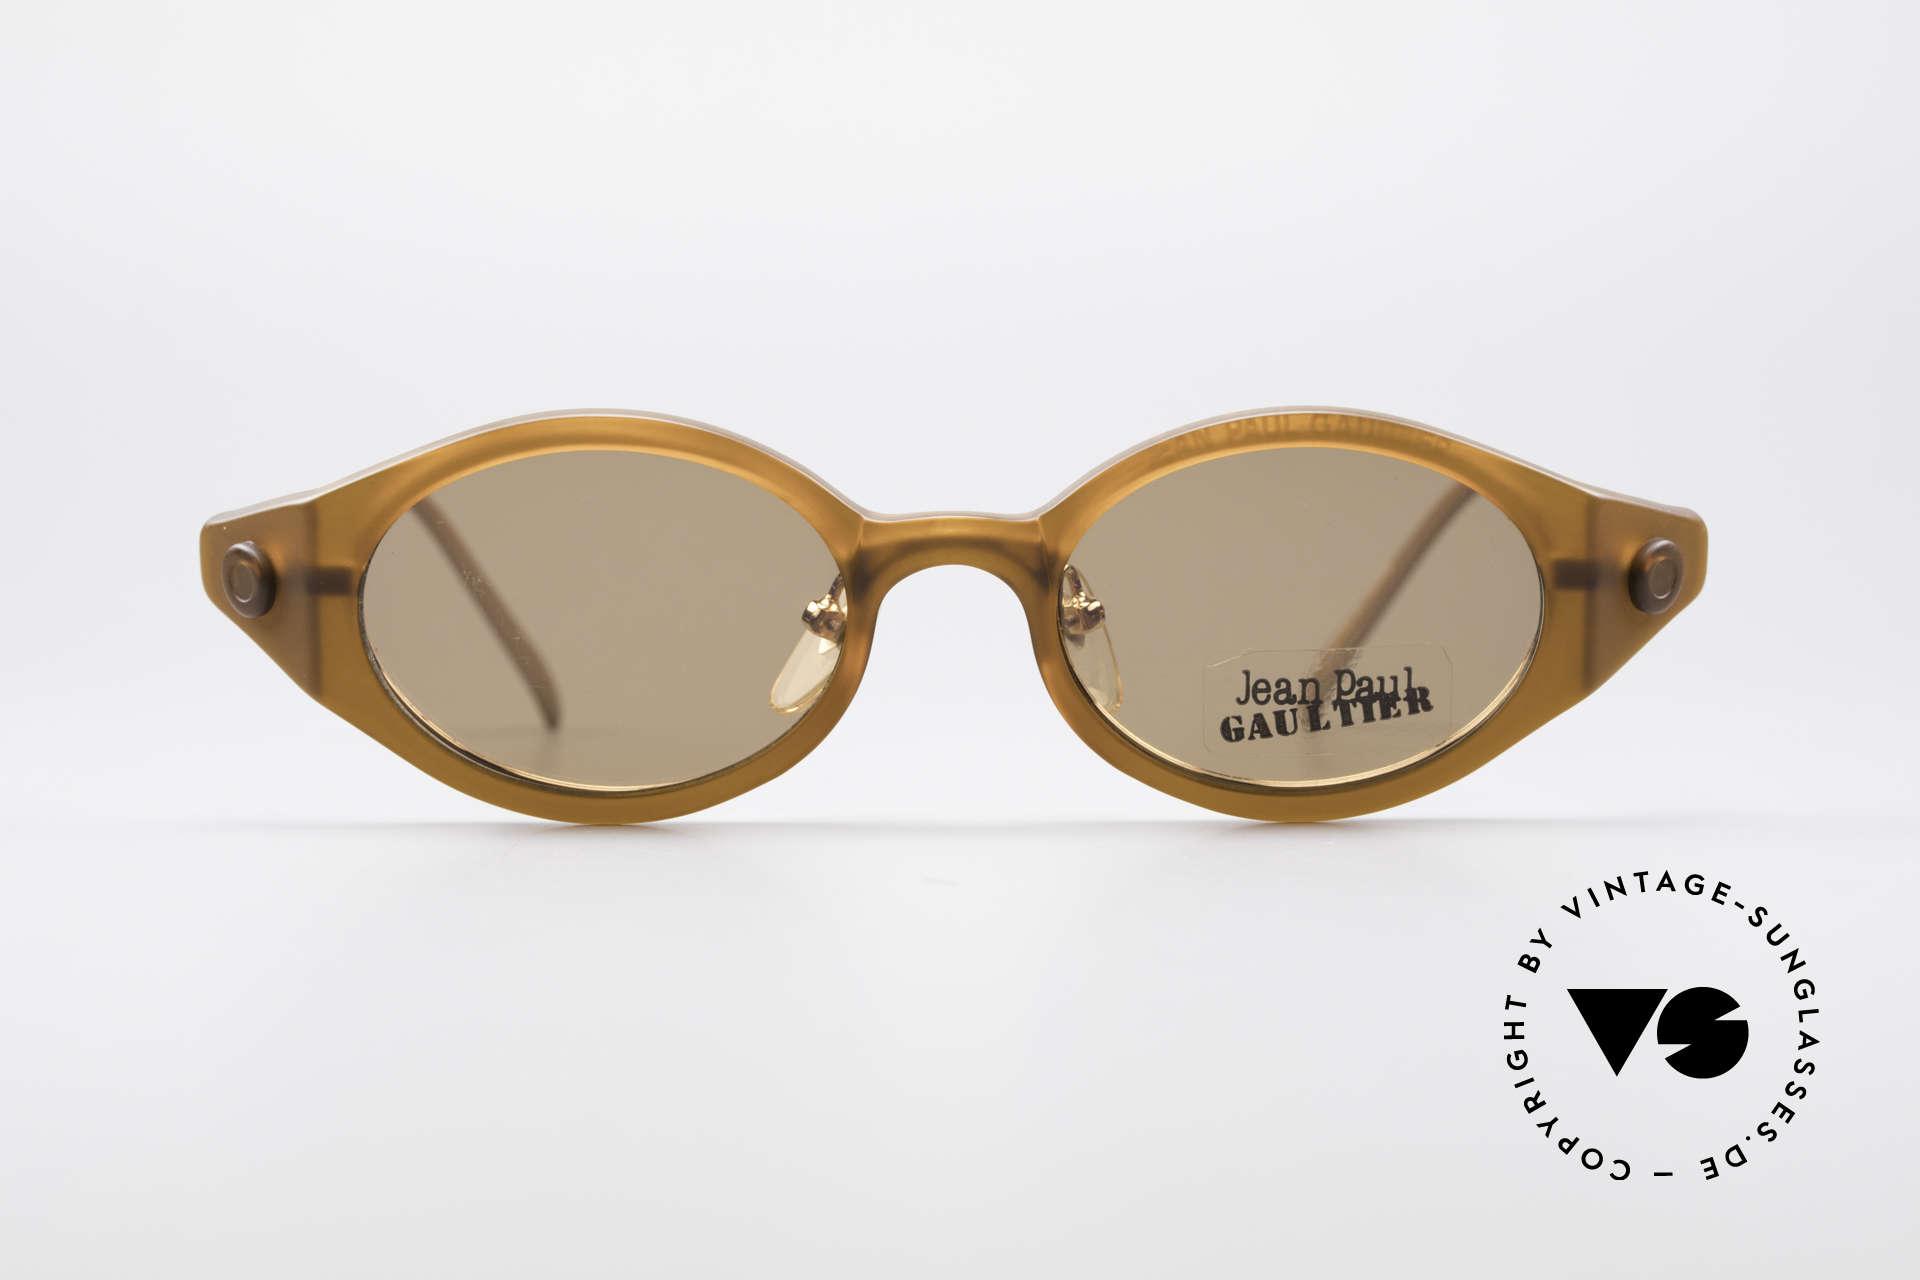 Jean Paul Gaultier 56-7202 Ovale Brille mit Sonnenclip, magnetisch abnehmbarer Sonnenclip; 100% UV Schutz, Passend für Herren und Damen